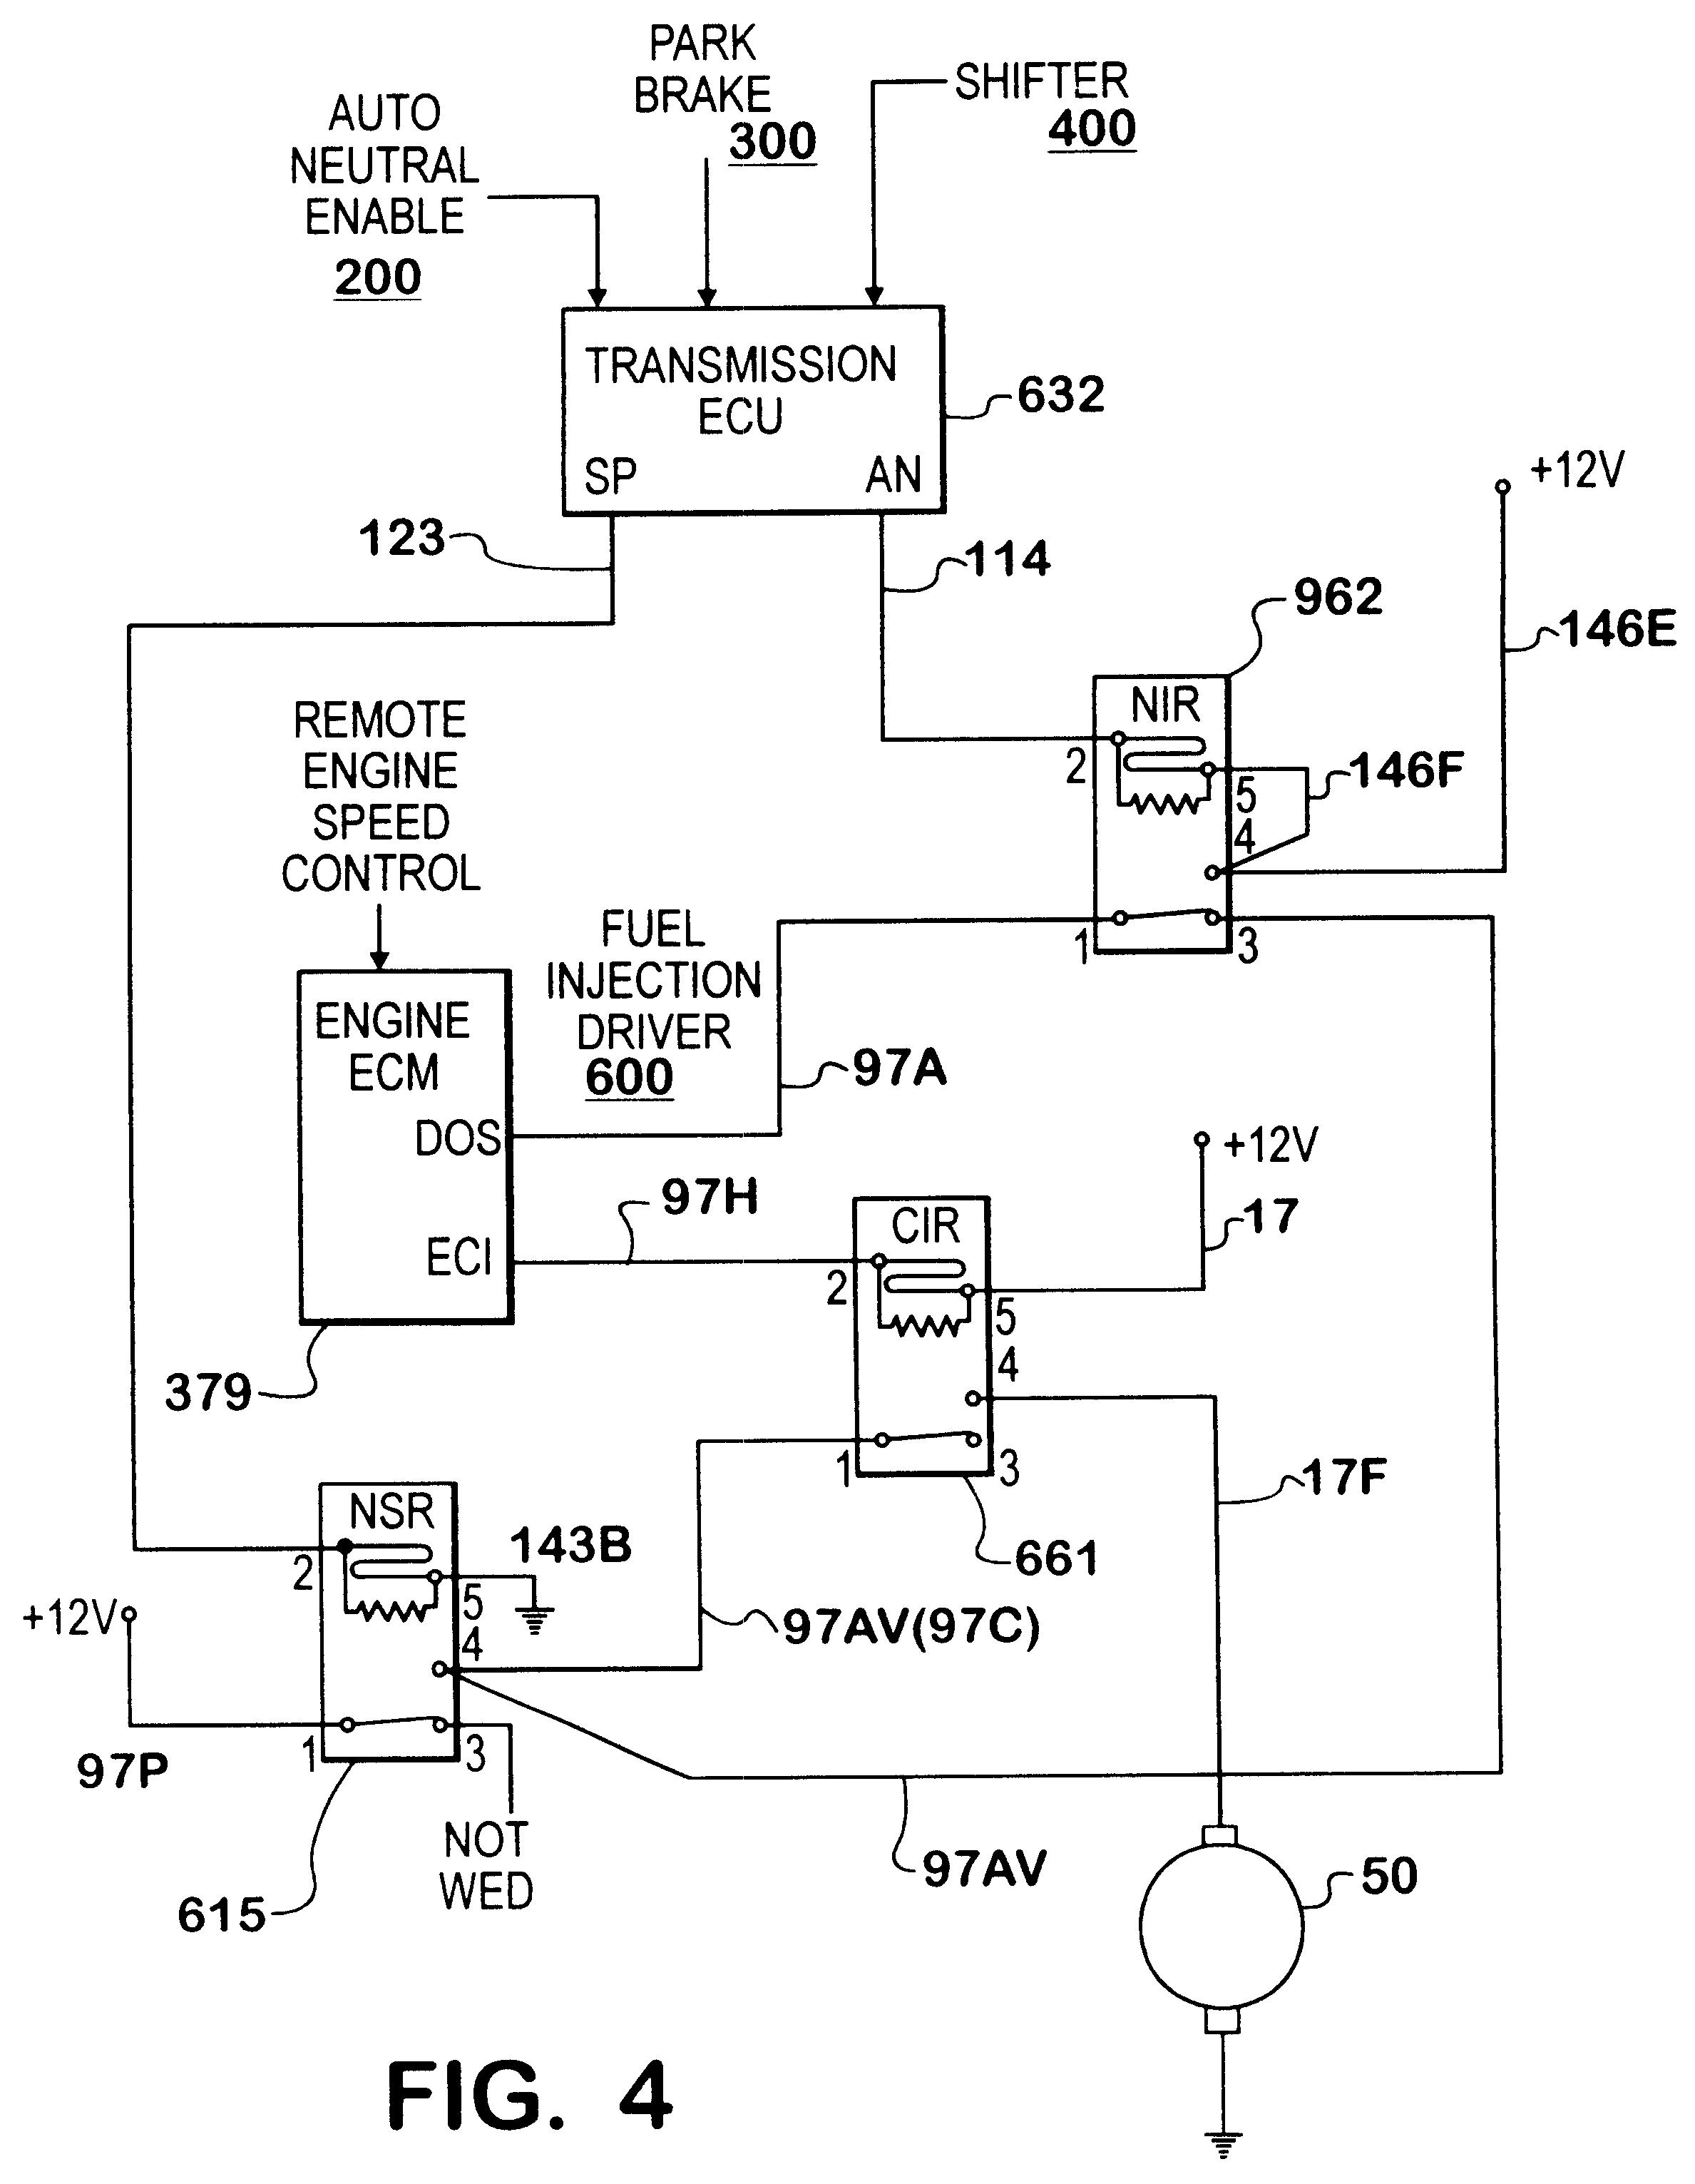 Daf lf wiring diagram wikishare us06482124 20021119 d00003 daf lf wiring diagram